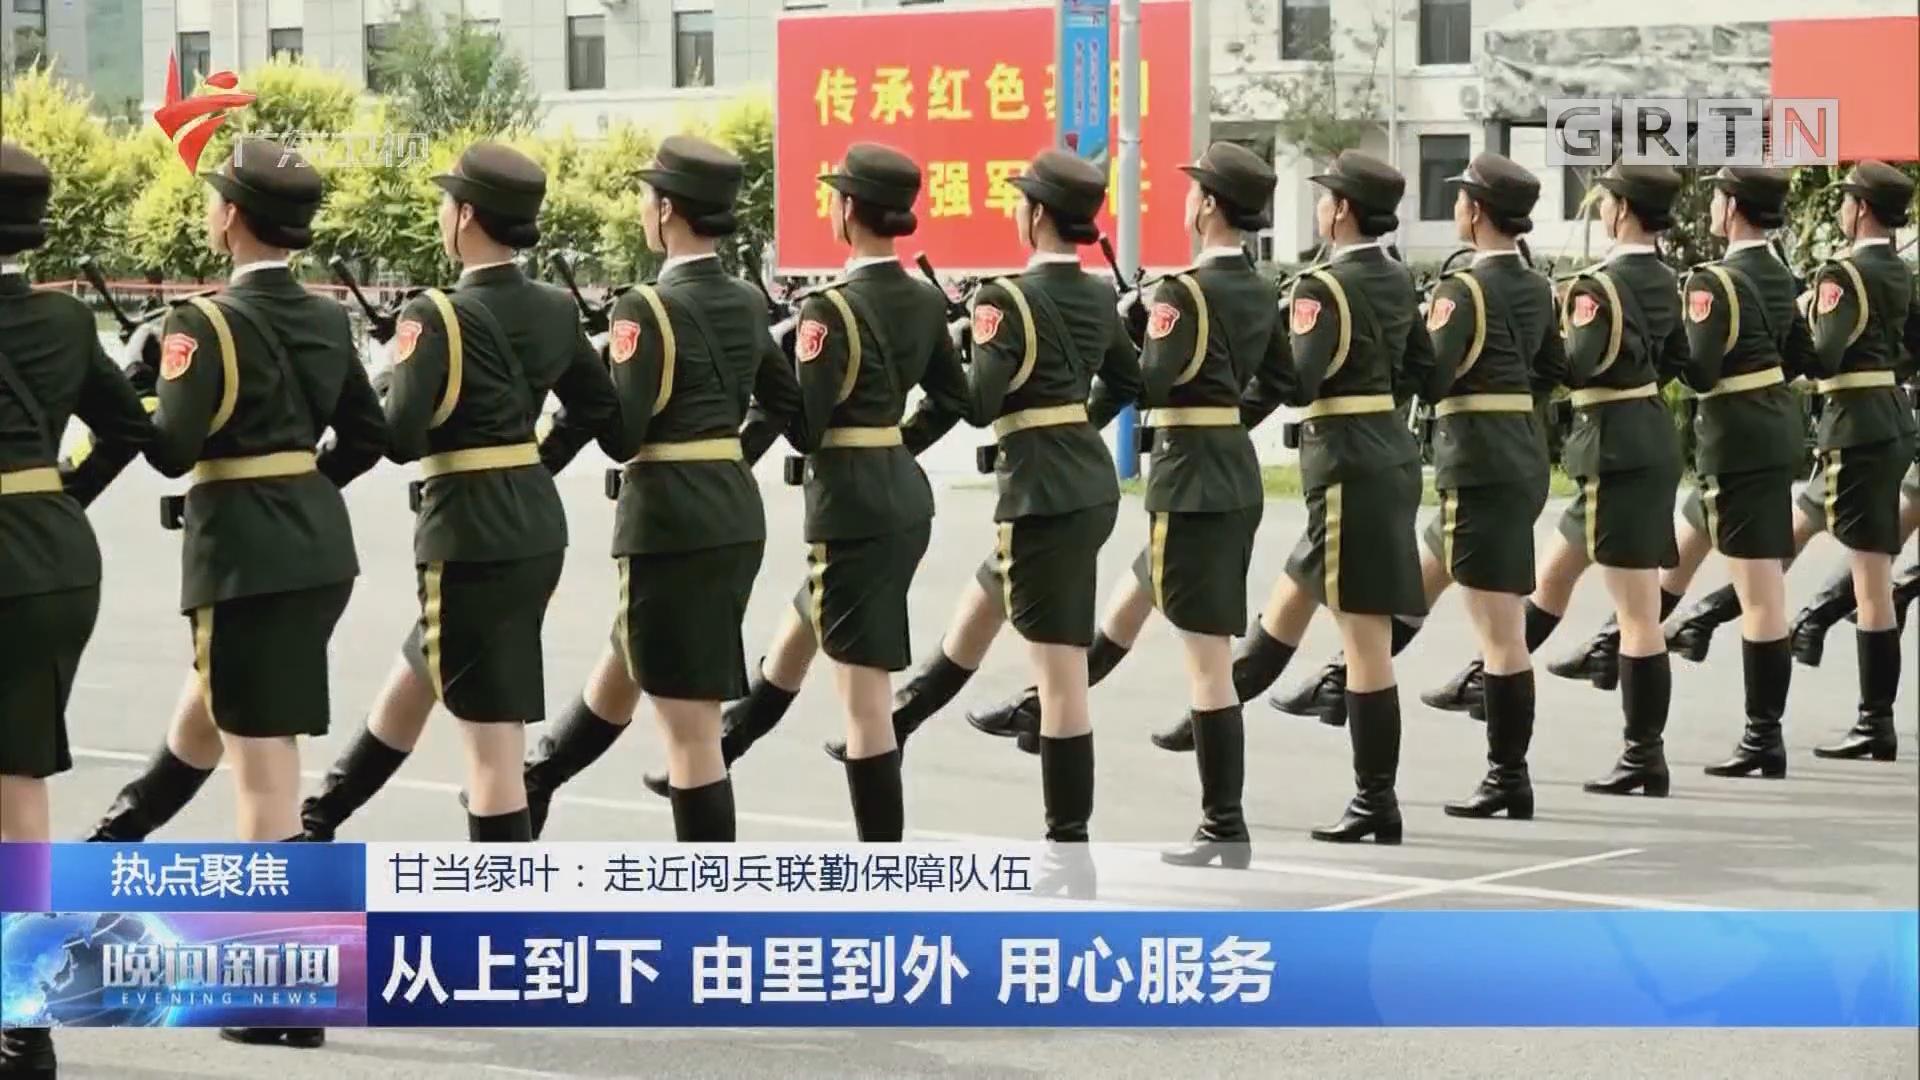 甘当绿叶:走近阅兵联勤保障队伍 从上到下 由里到外 用心服务